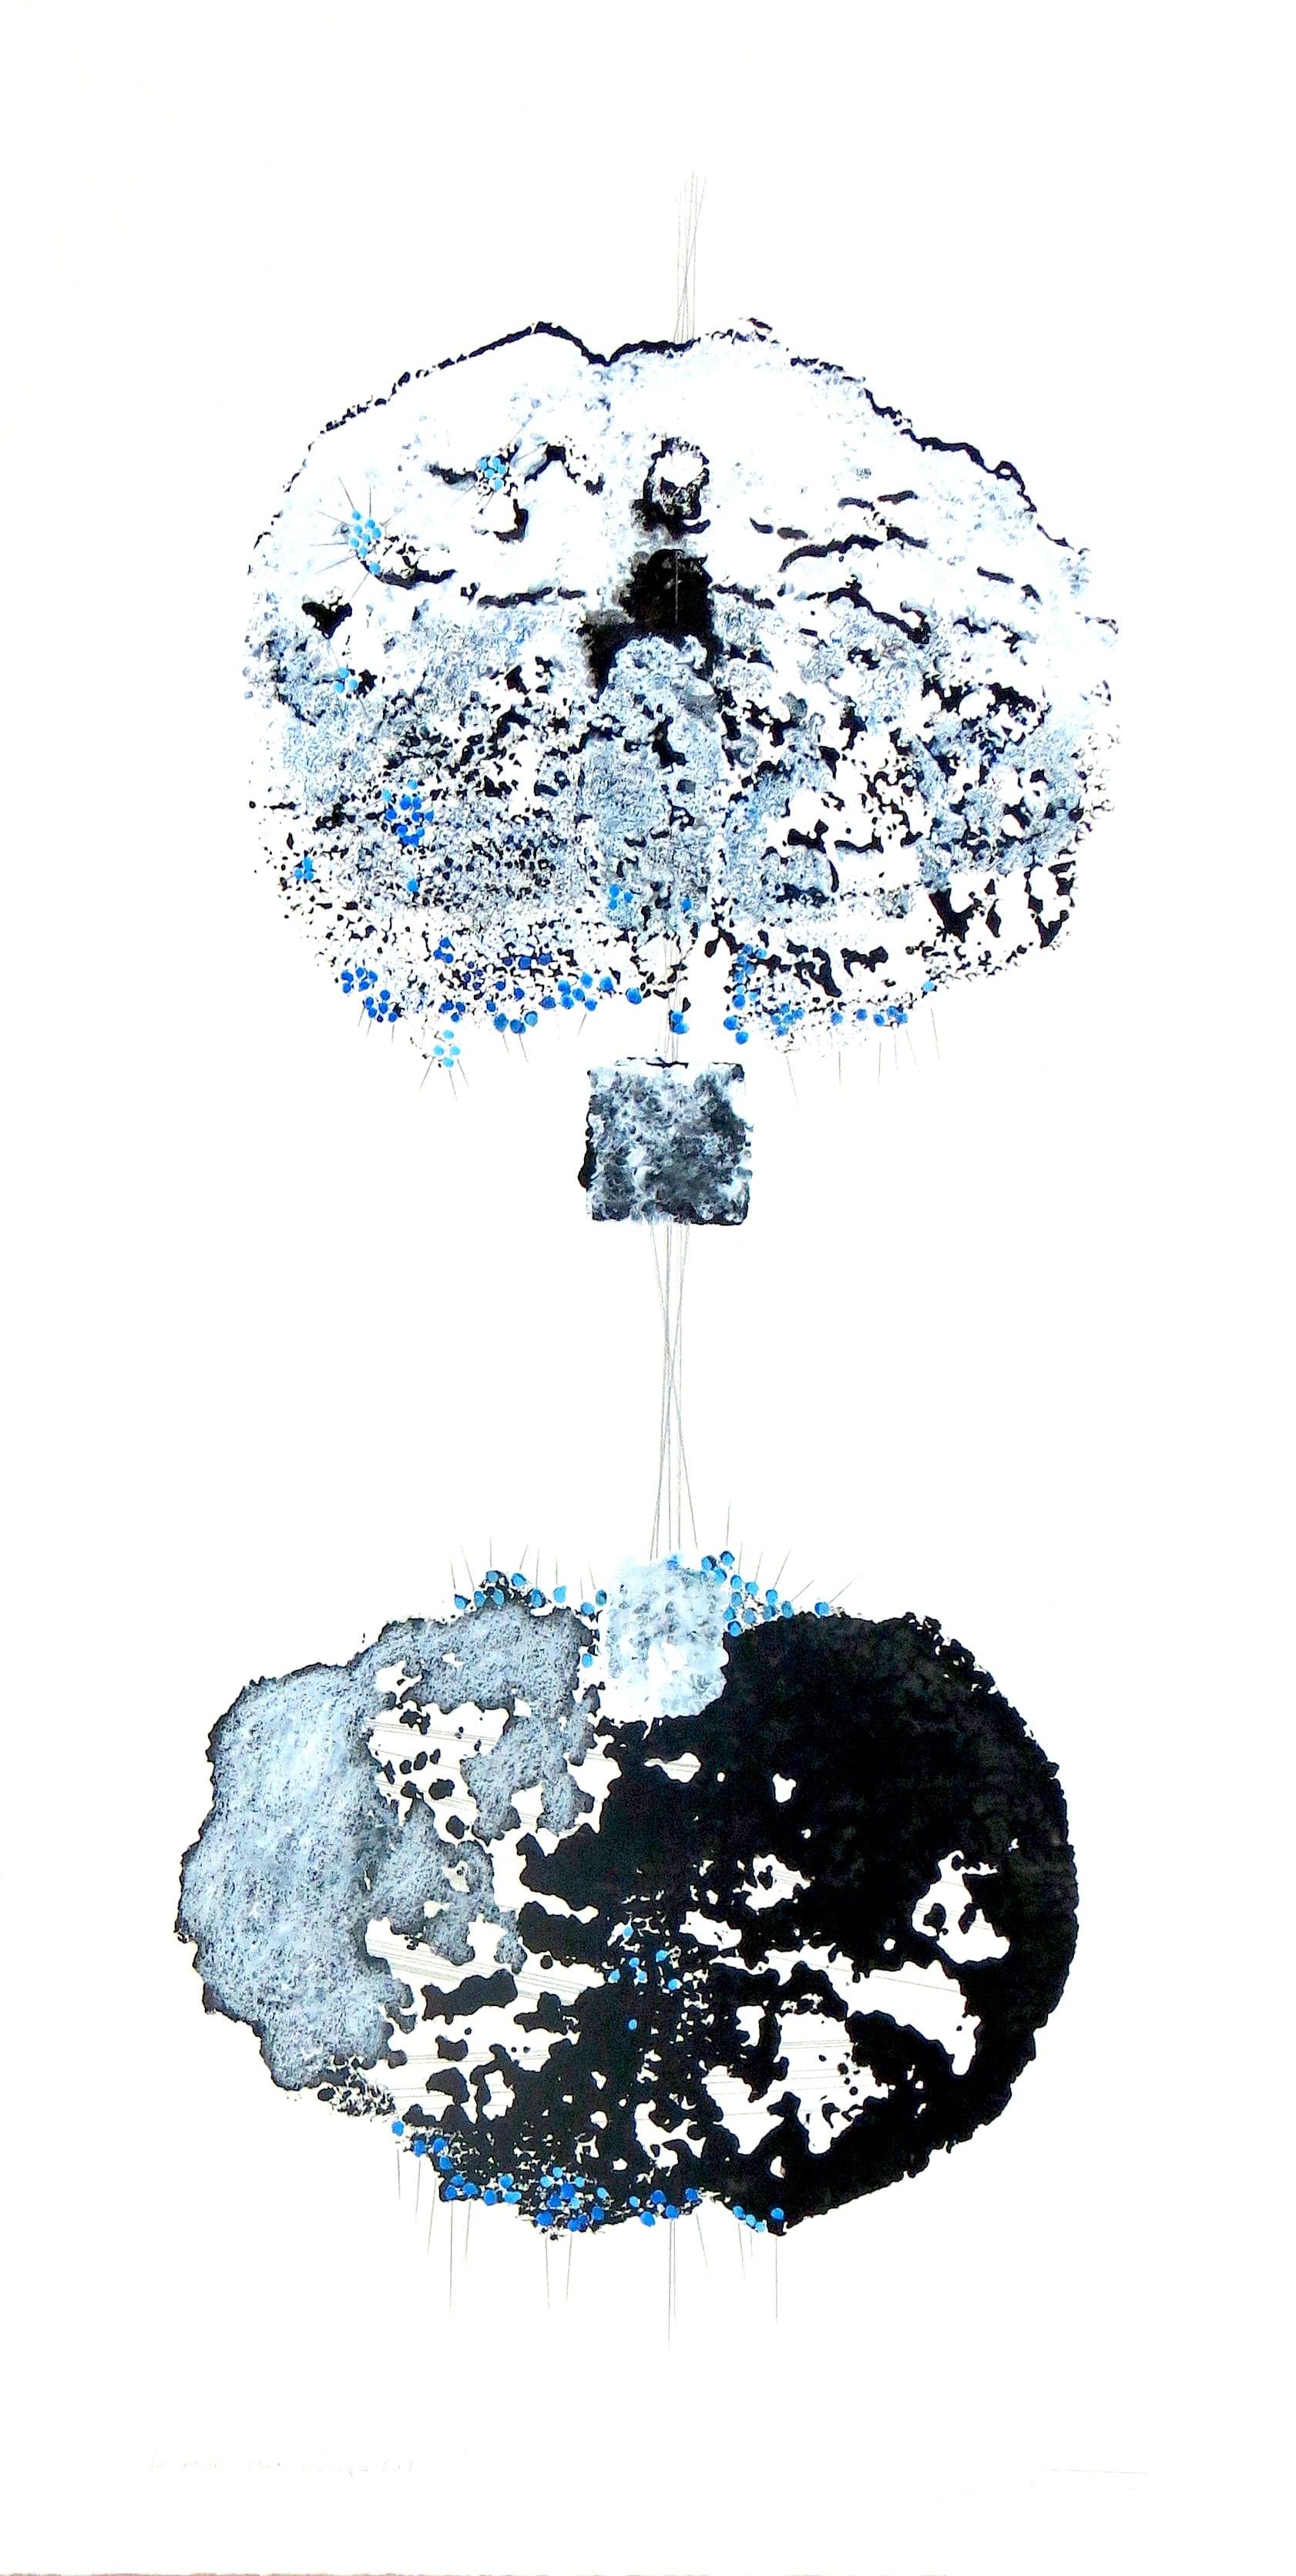 Le-Loup-et-moi-1-monotype-par-estampage-encre-et-crayon-sur-papier-BFK-80x40